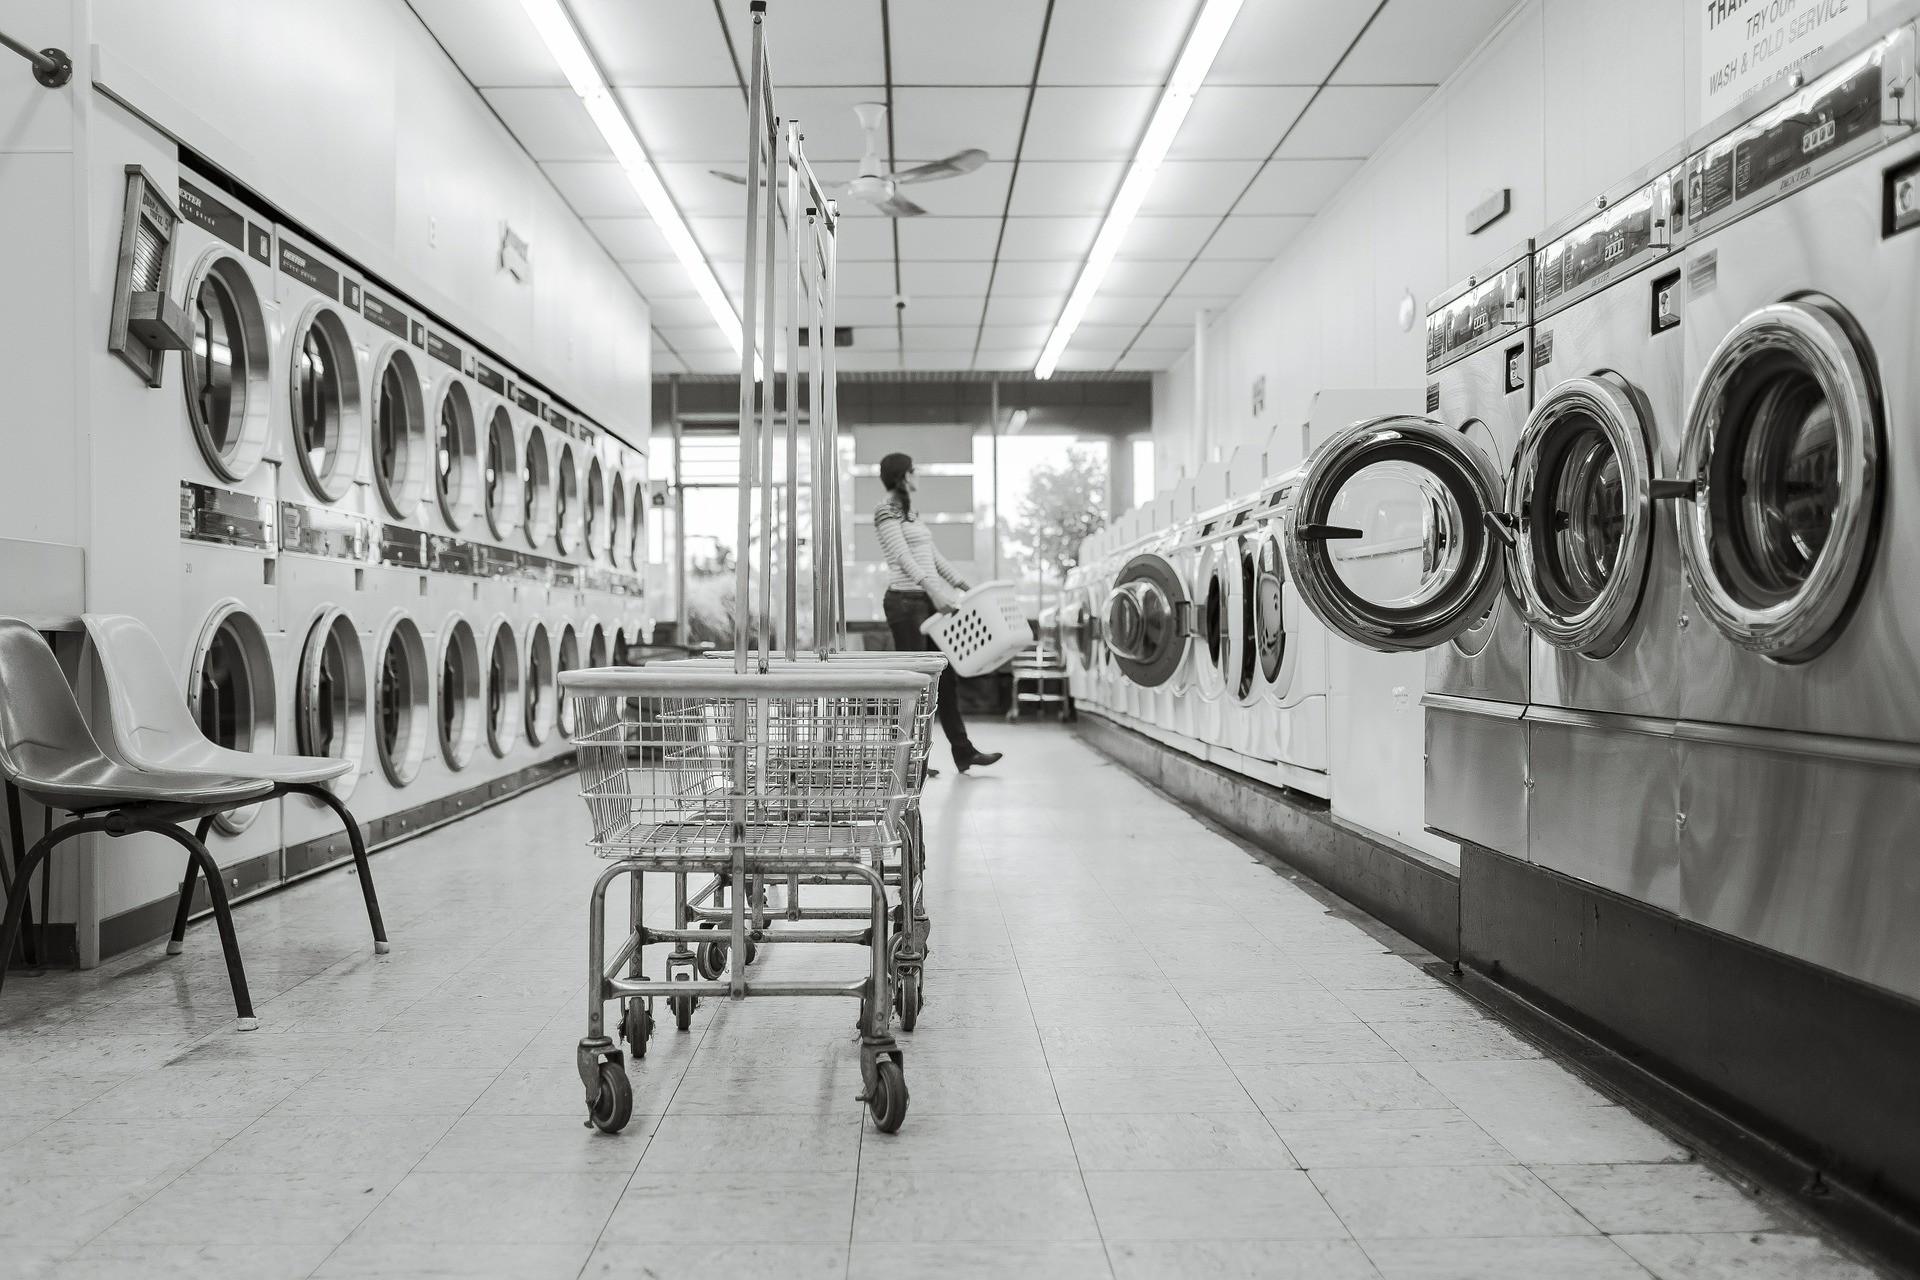 Commercial Appliances Diagnostic